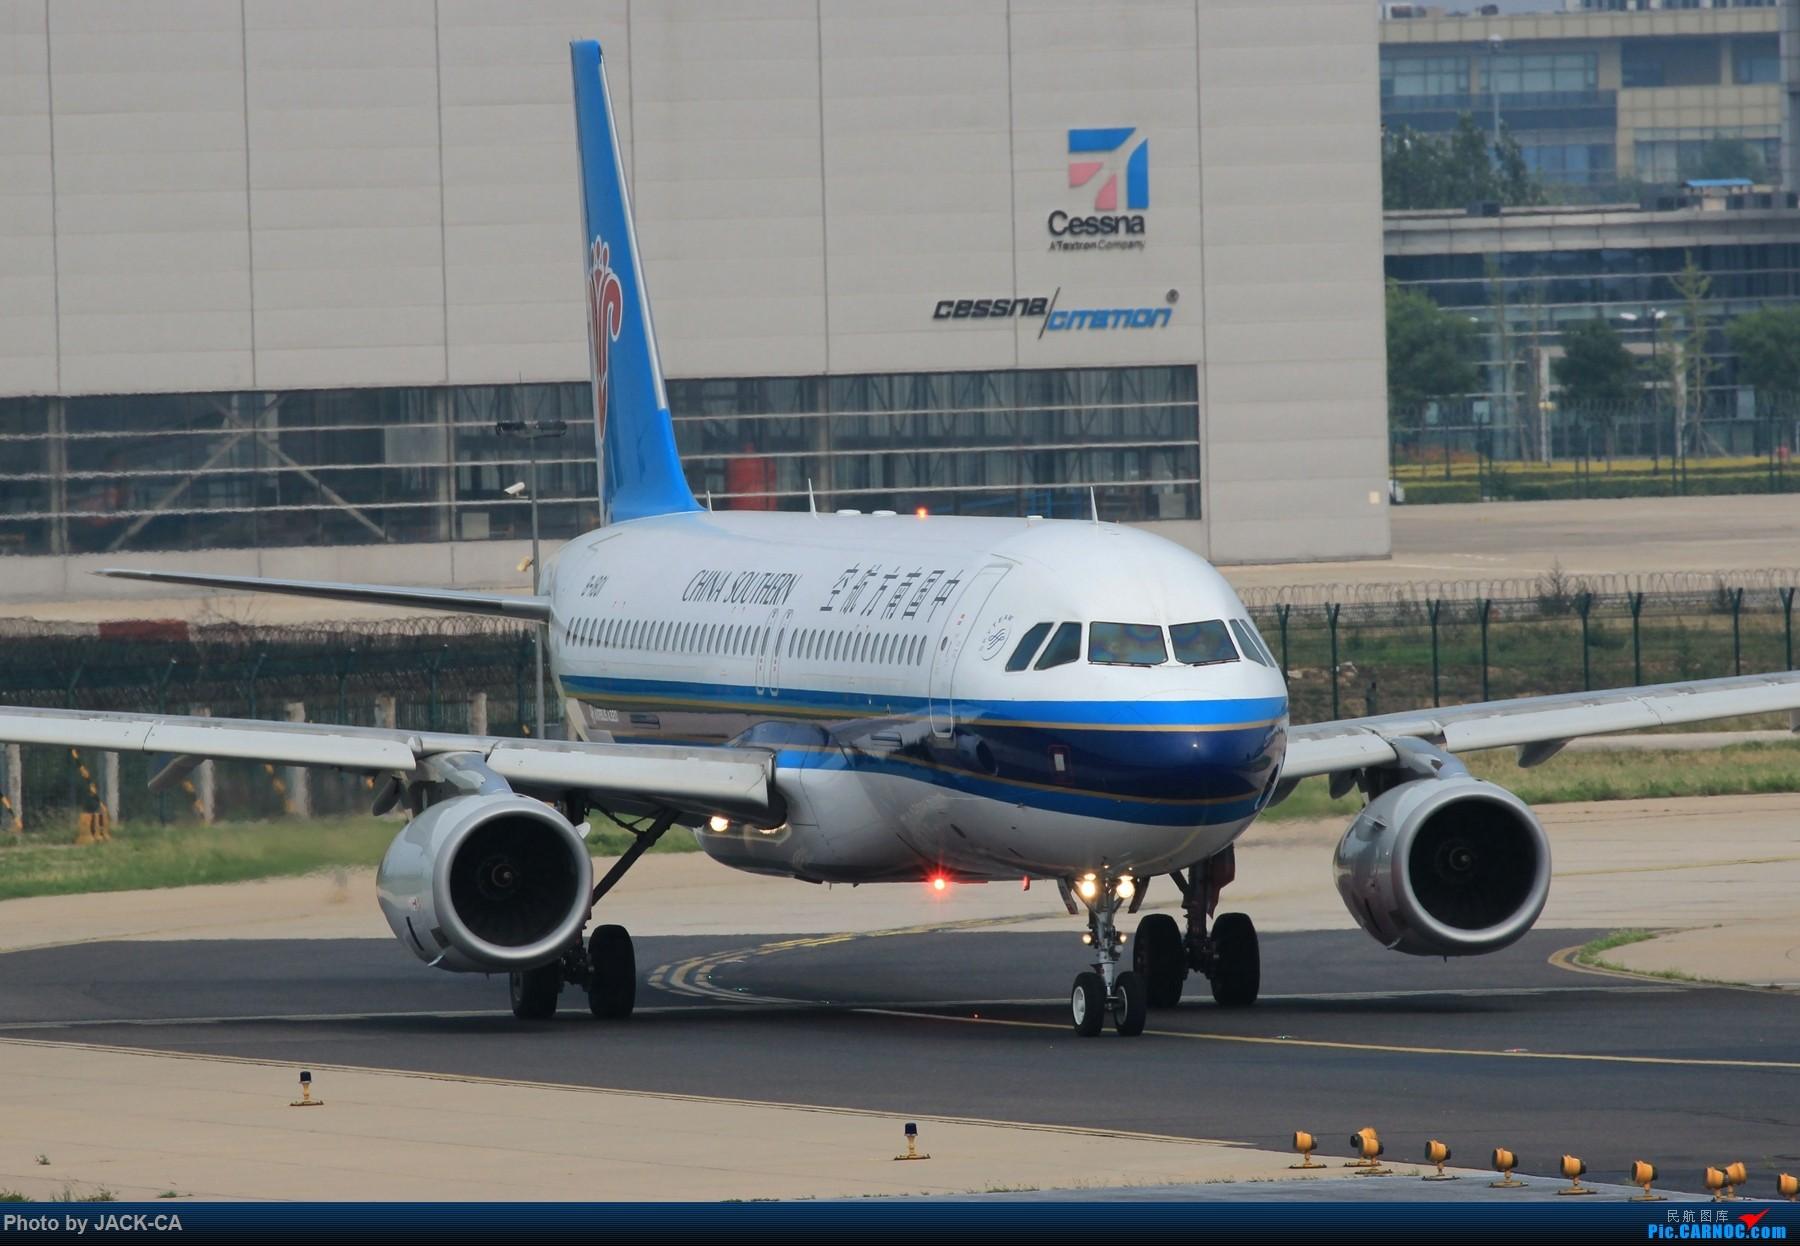 Re:[原创]【飞机1返1】厦航天合+闪灯四大航 ps。。。 AIRBUS A320-200 B-1801 中国北京首都国际机场